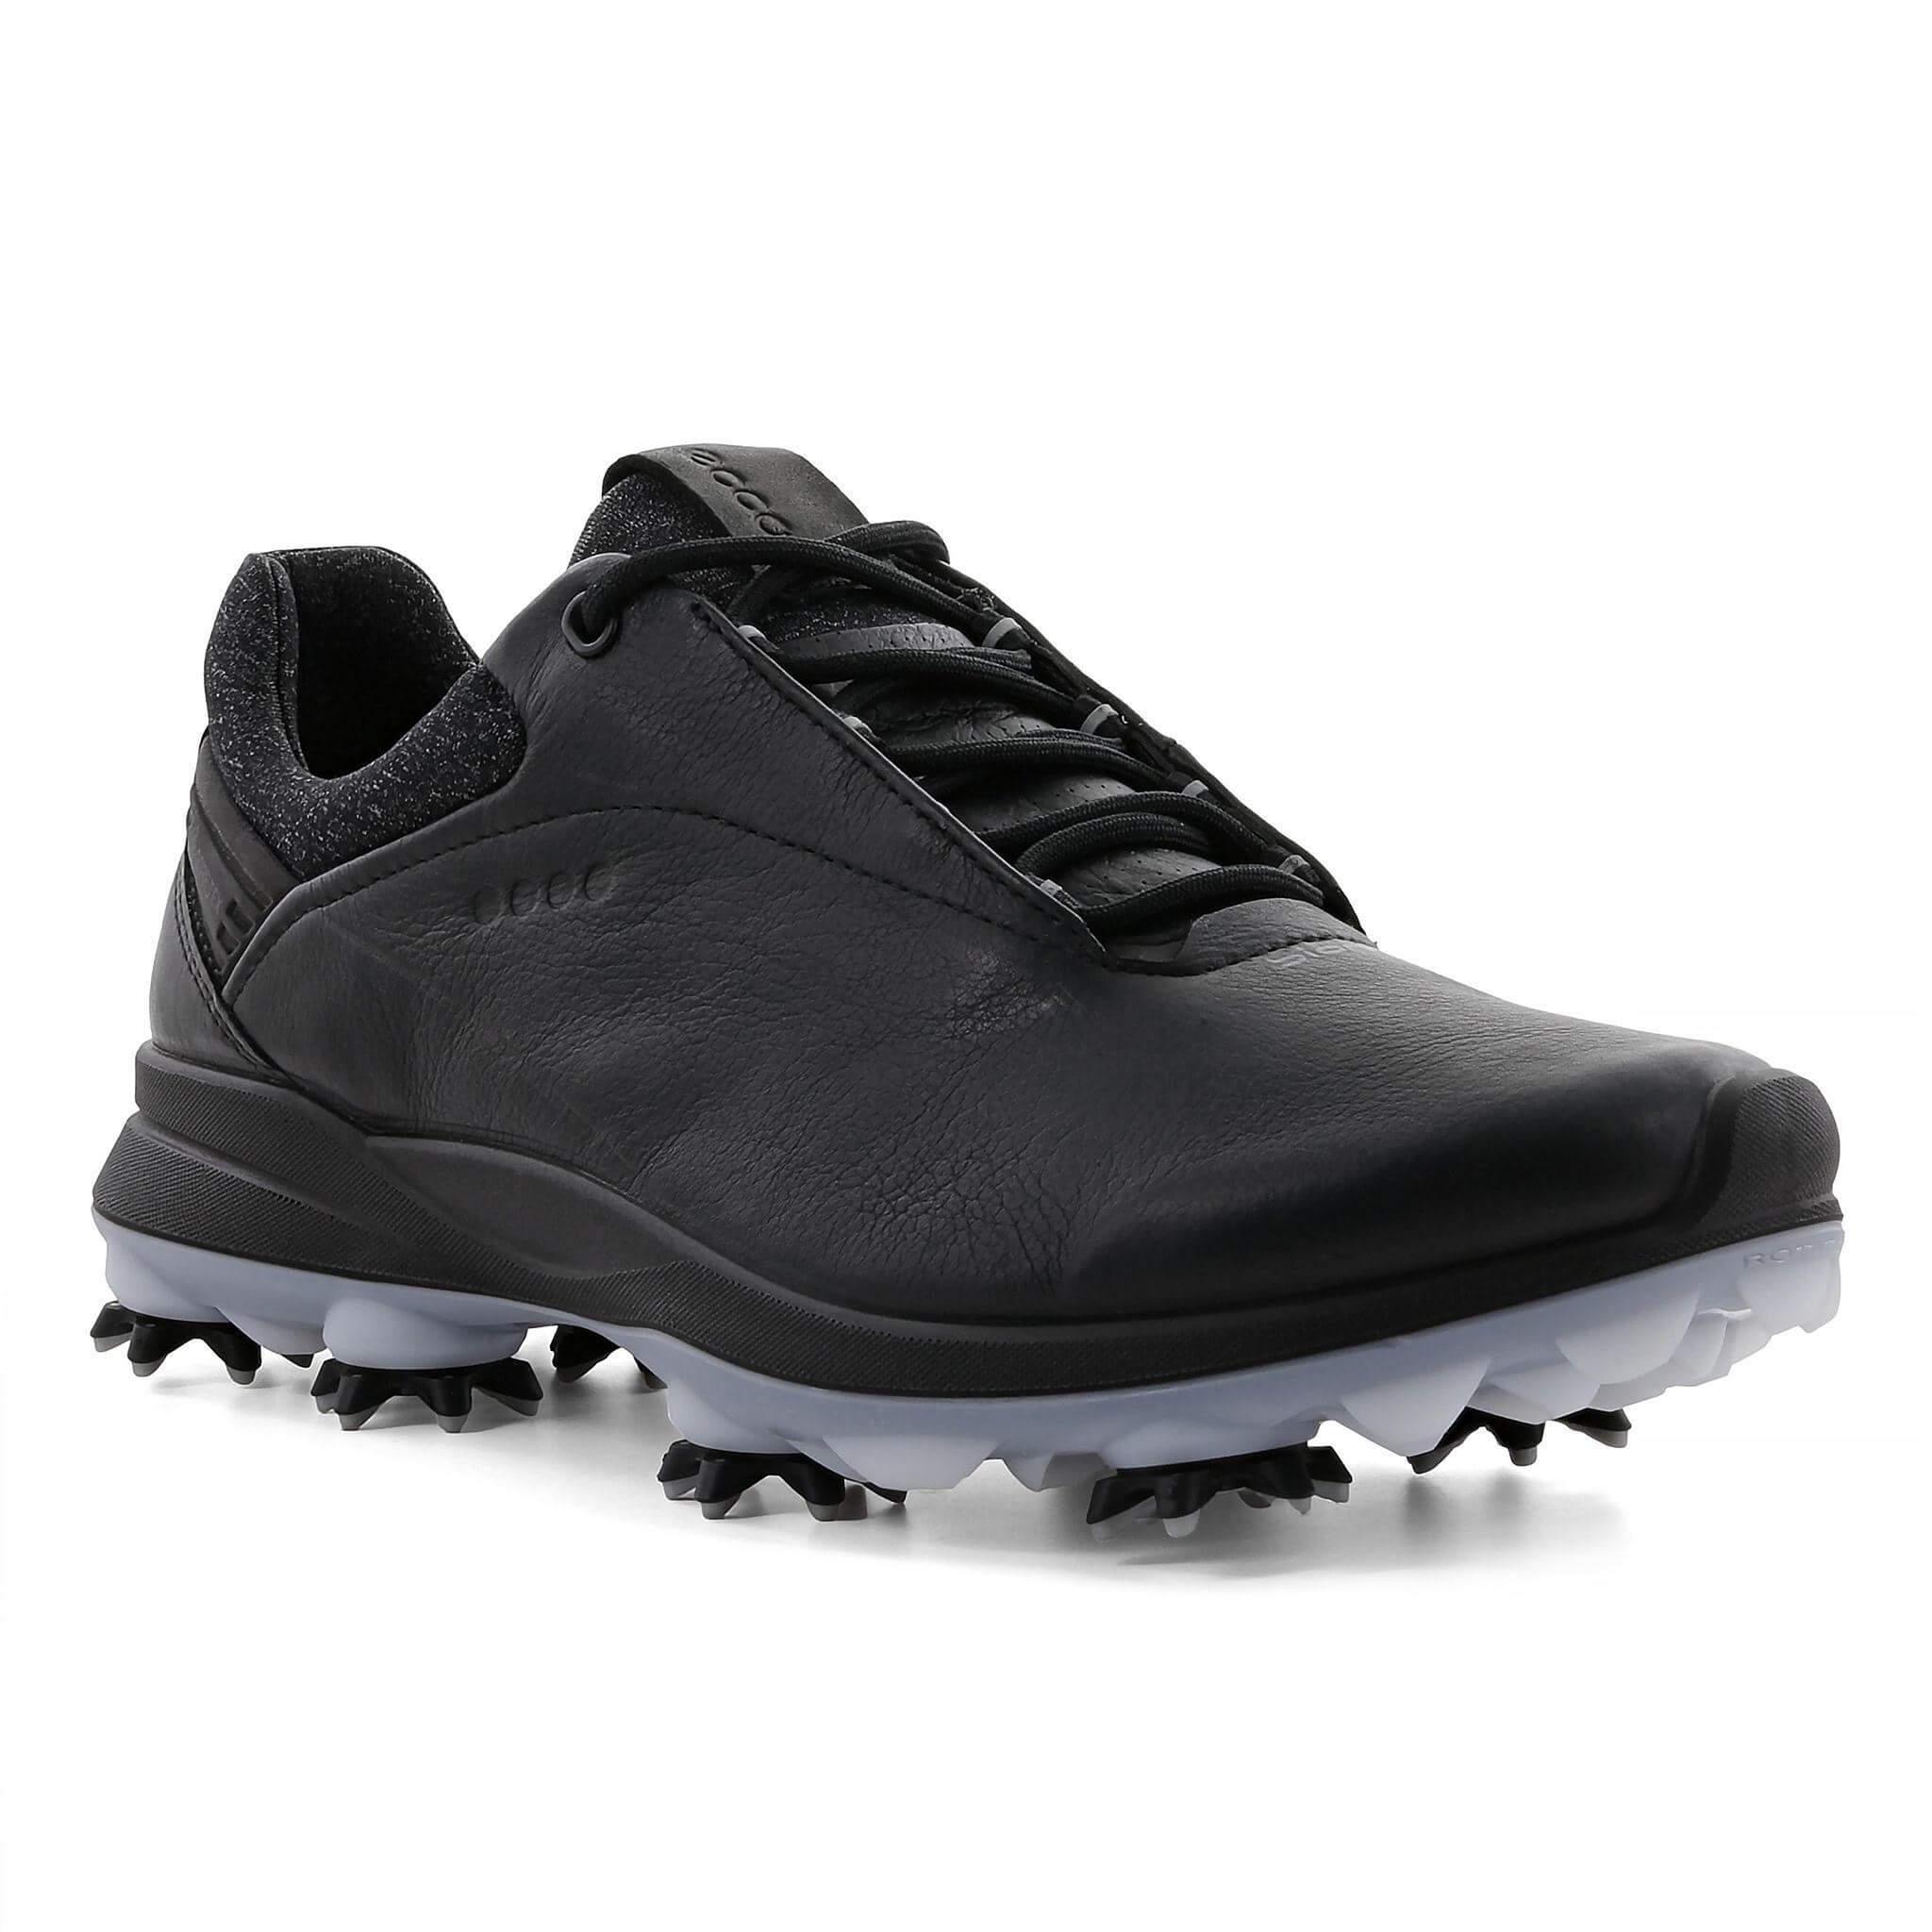 W Golf Biom G3